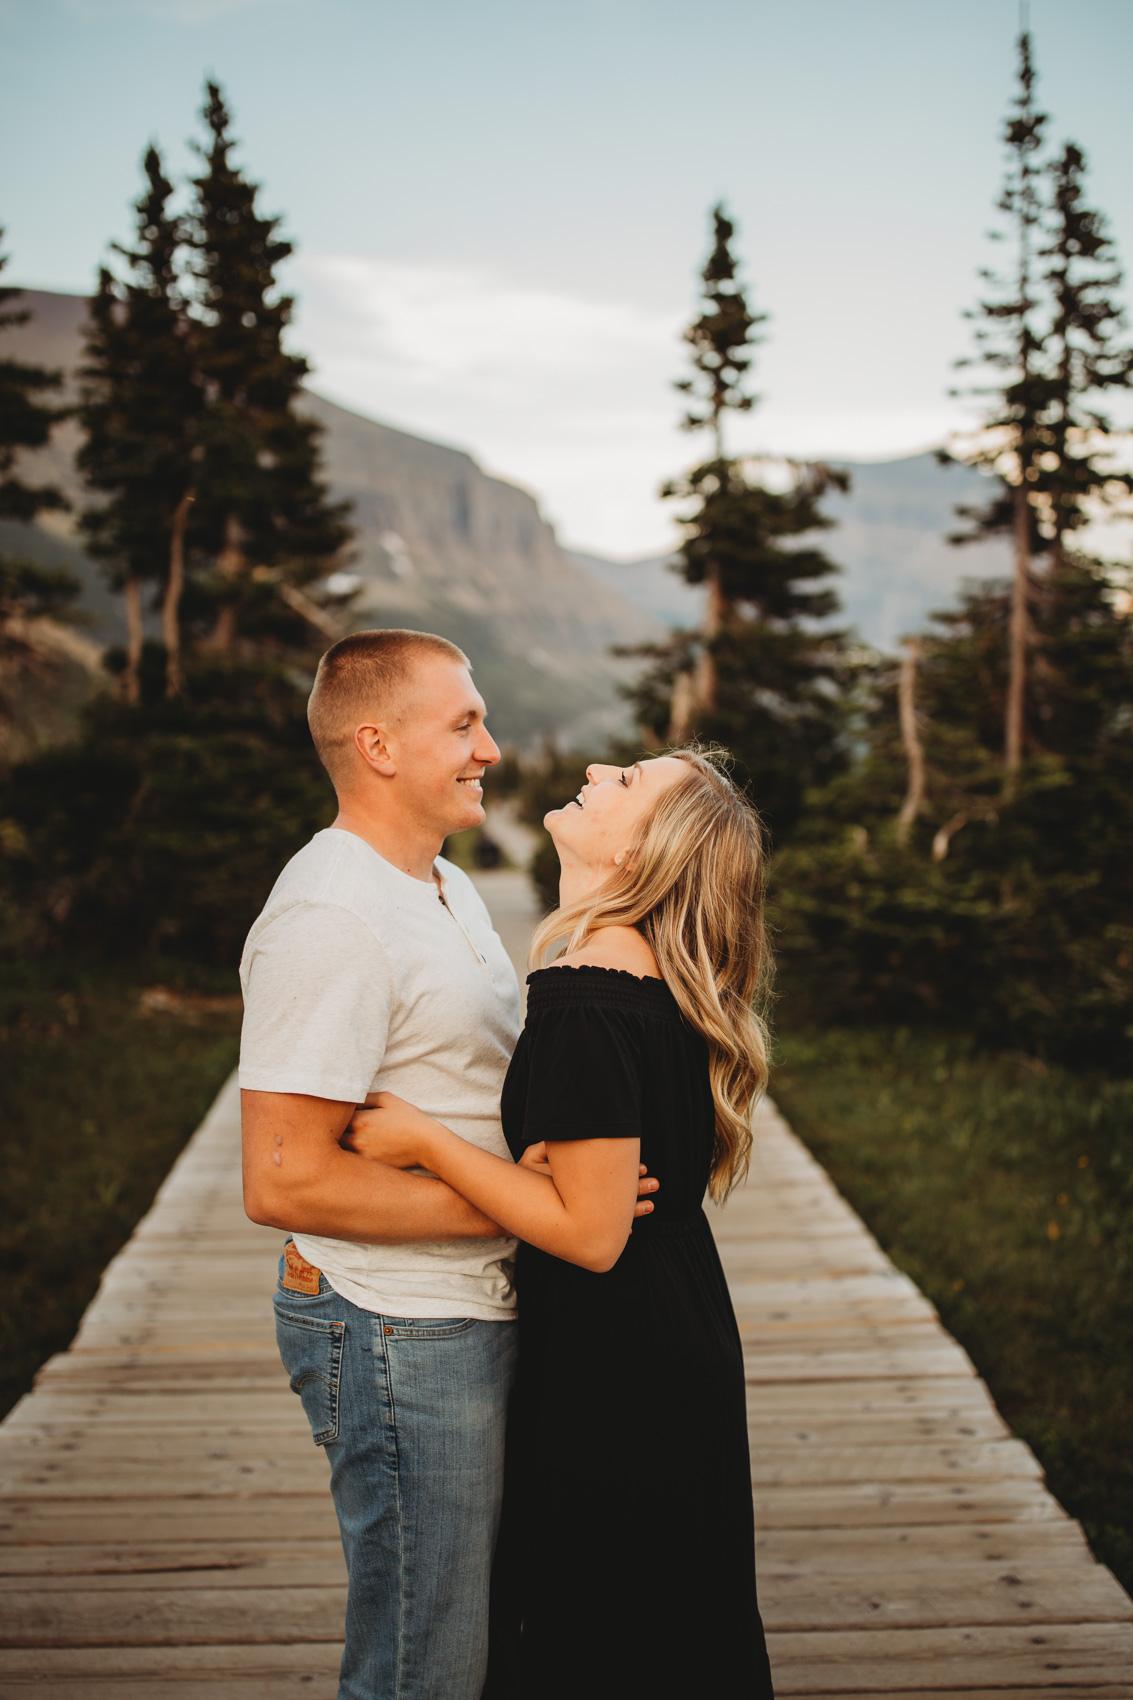 marah-doug-great-falls-montana-engagement-photographer-47.jpg